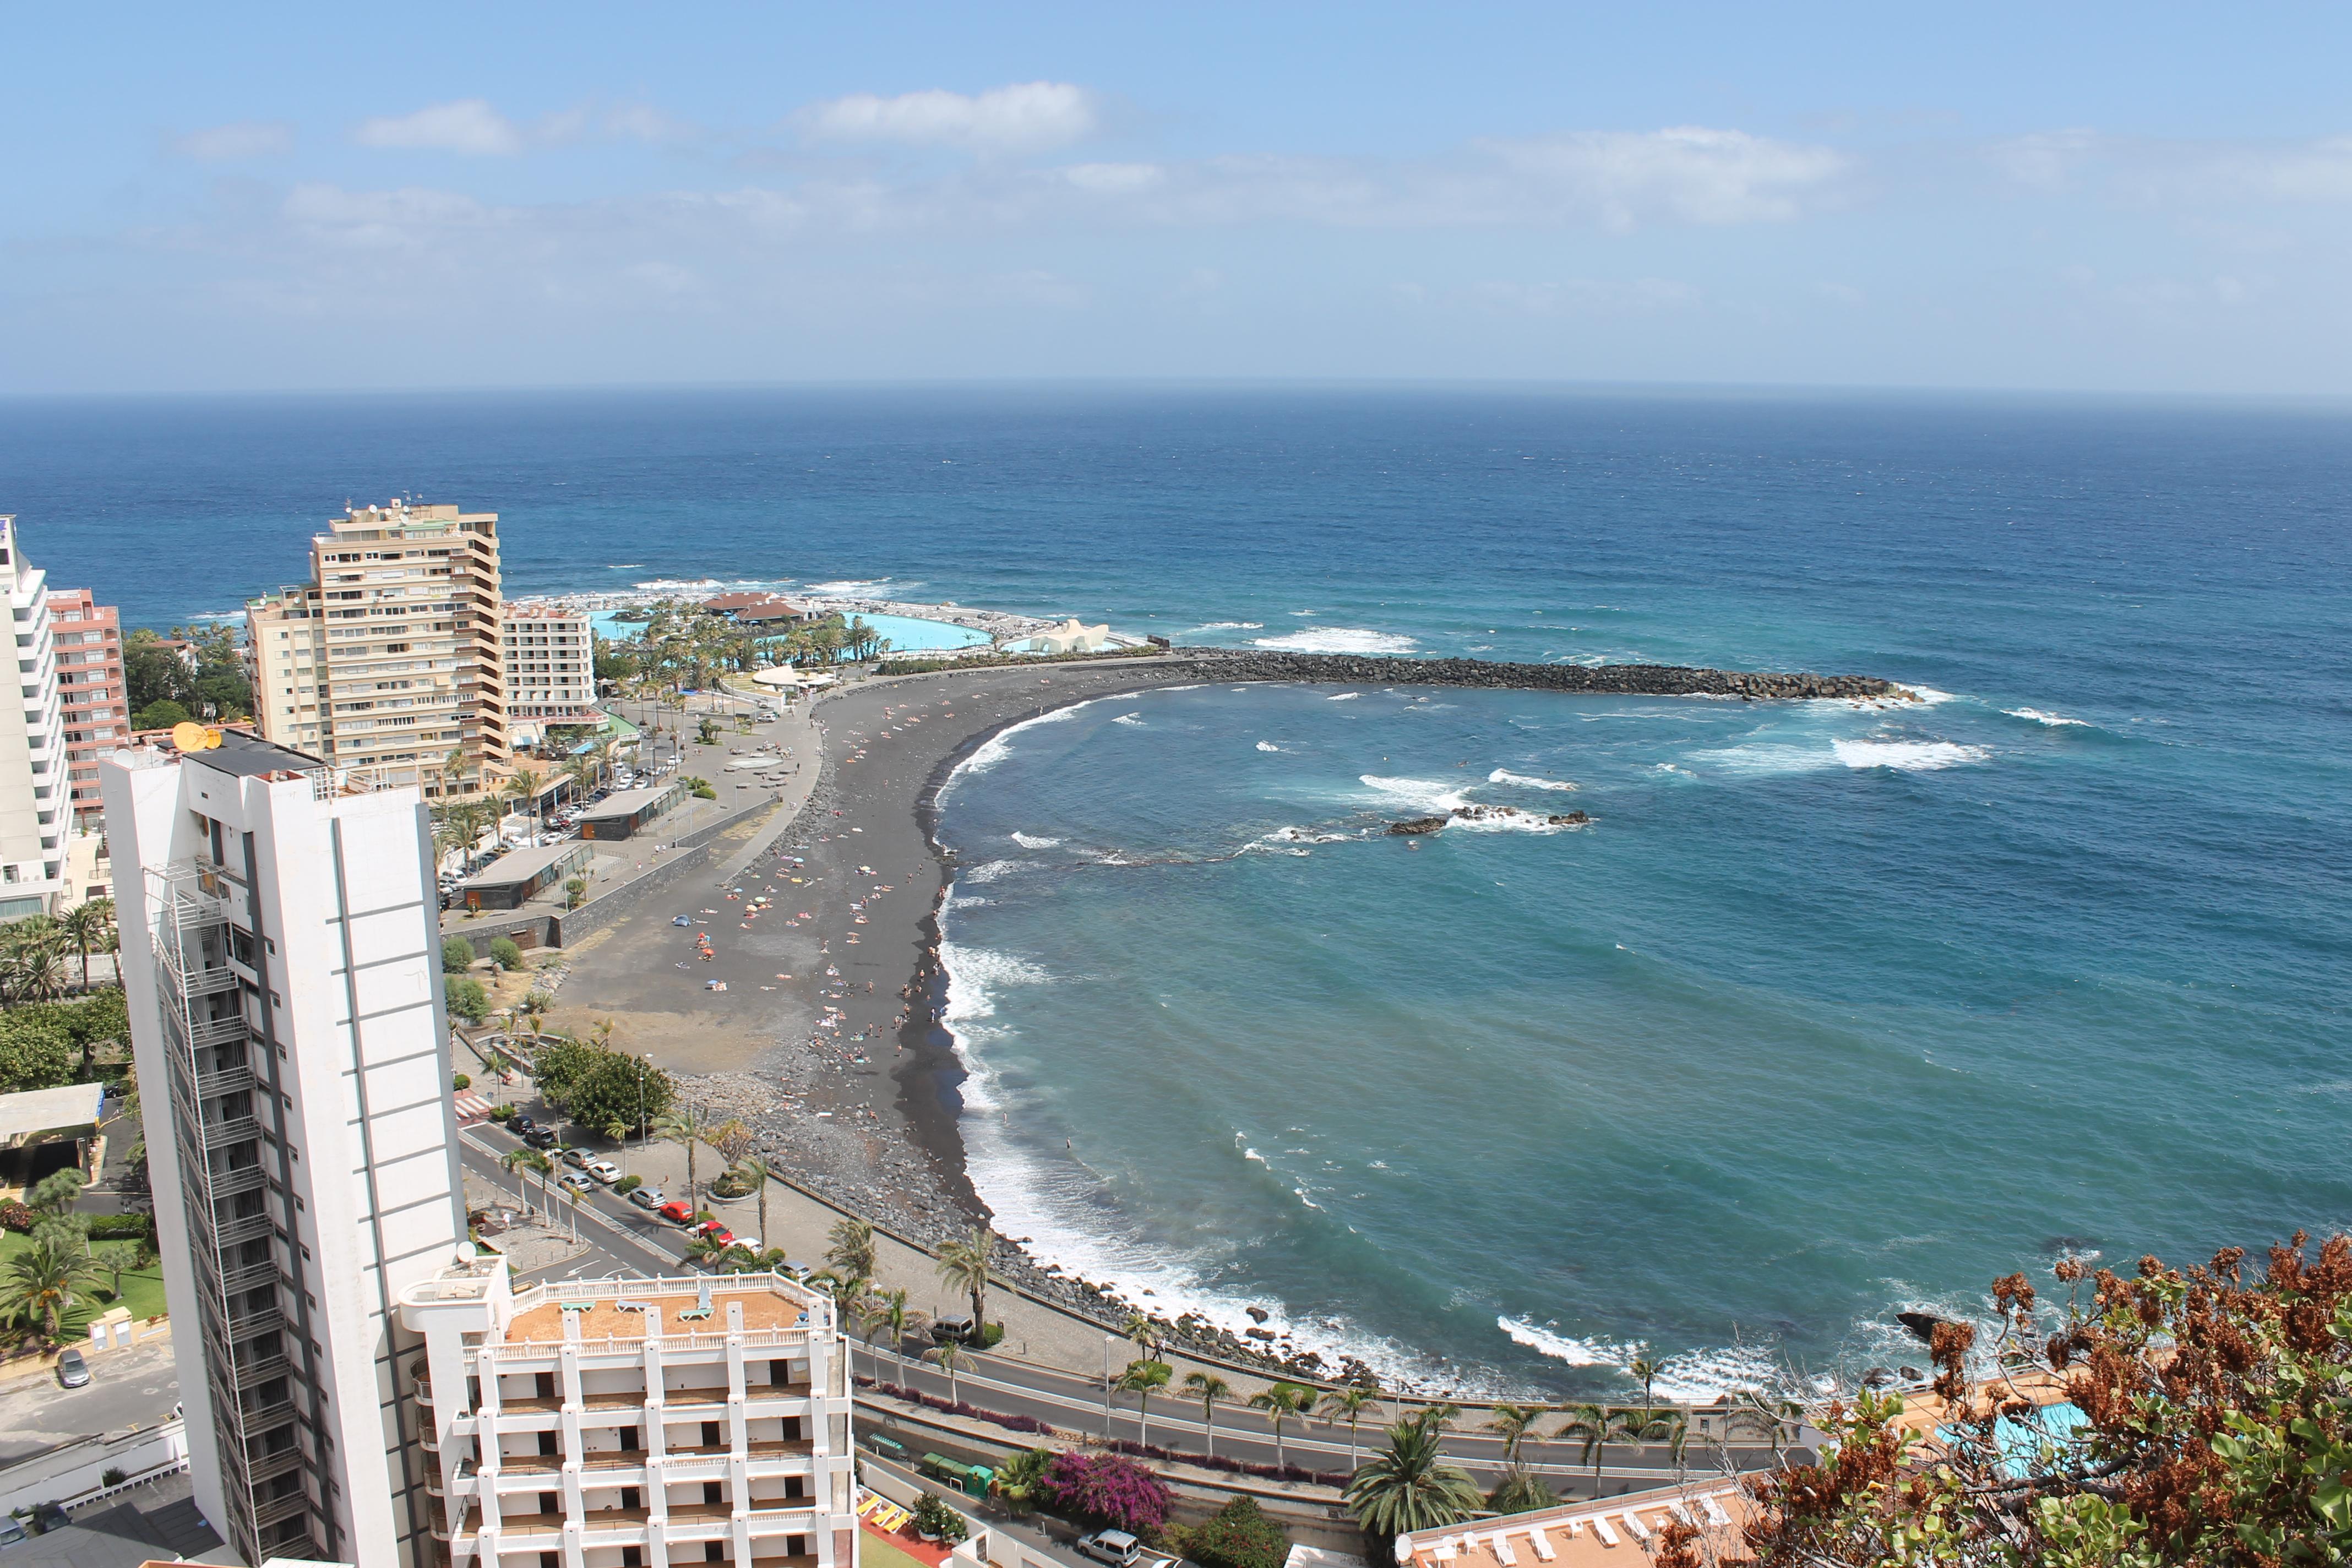 Hotel Teneriffa Playa De Las Americas